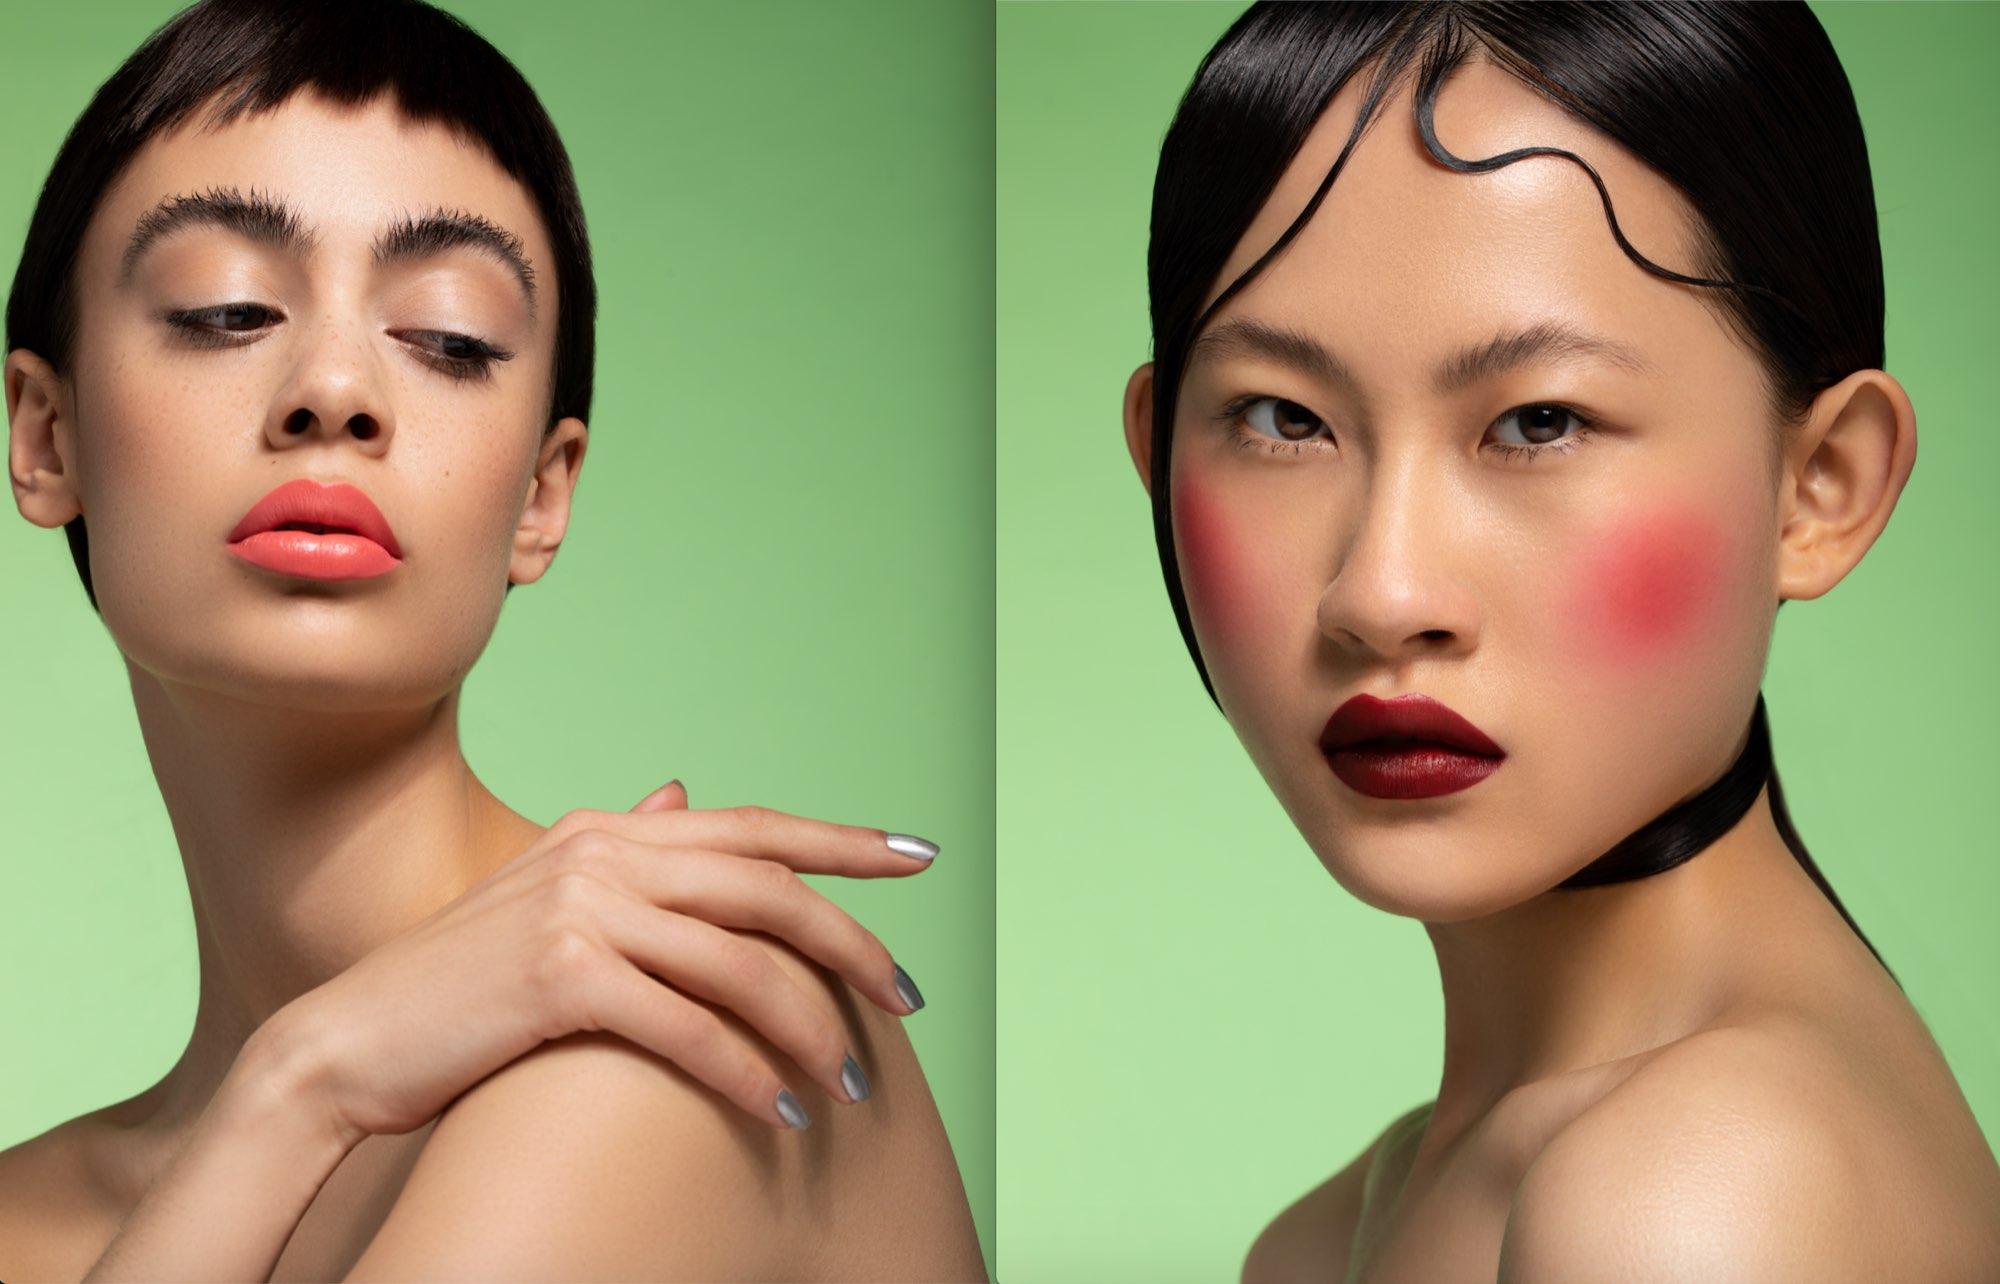 Bild zum Make up & Fashion Blog - neue-arbeit-von-claire-f--r-nu-icons-ID14600-01.jpeg?v=1594117756